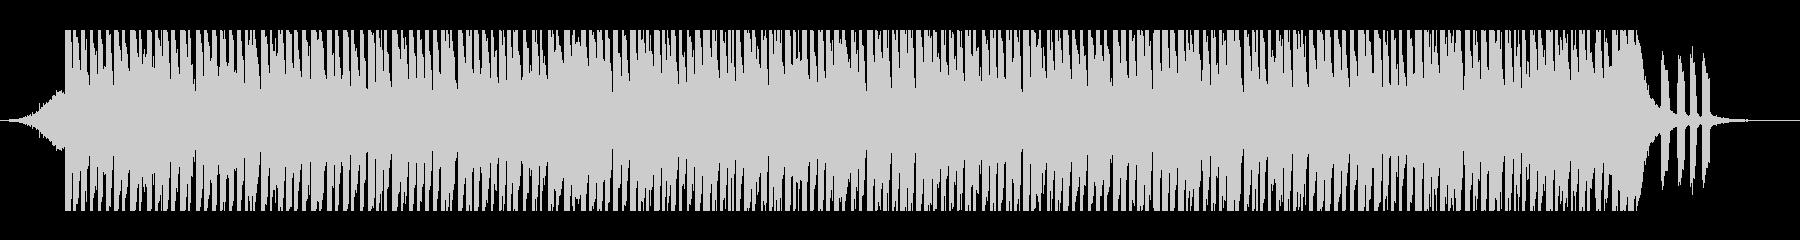 ハッピーポップ(60秒)の未再生の波形